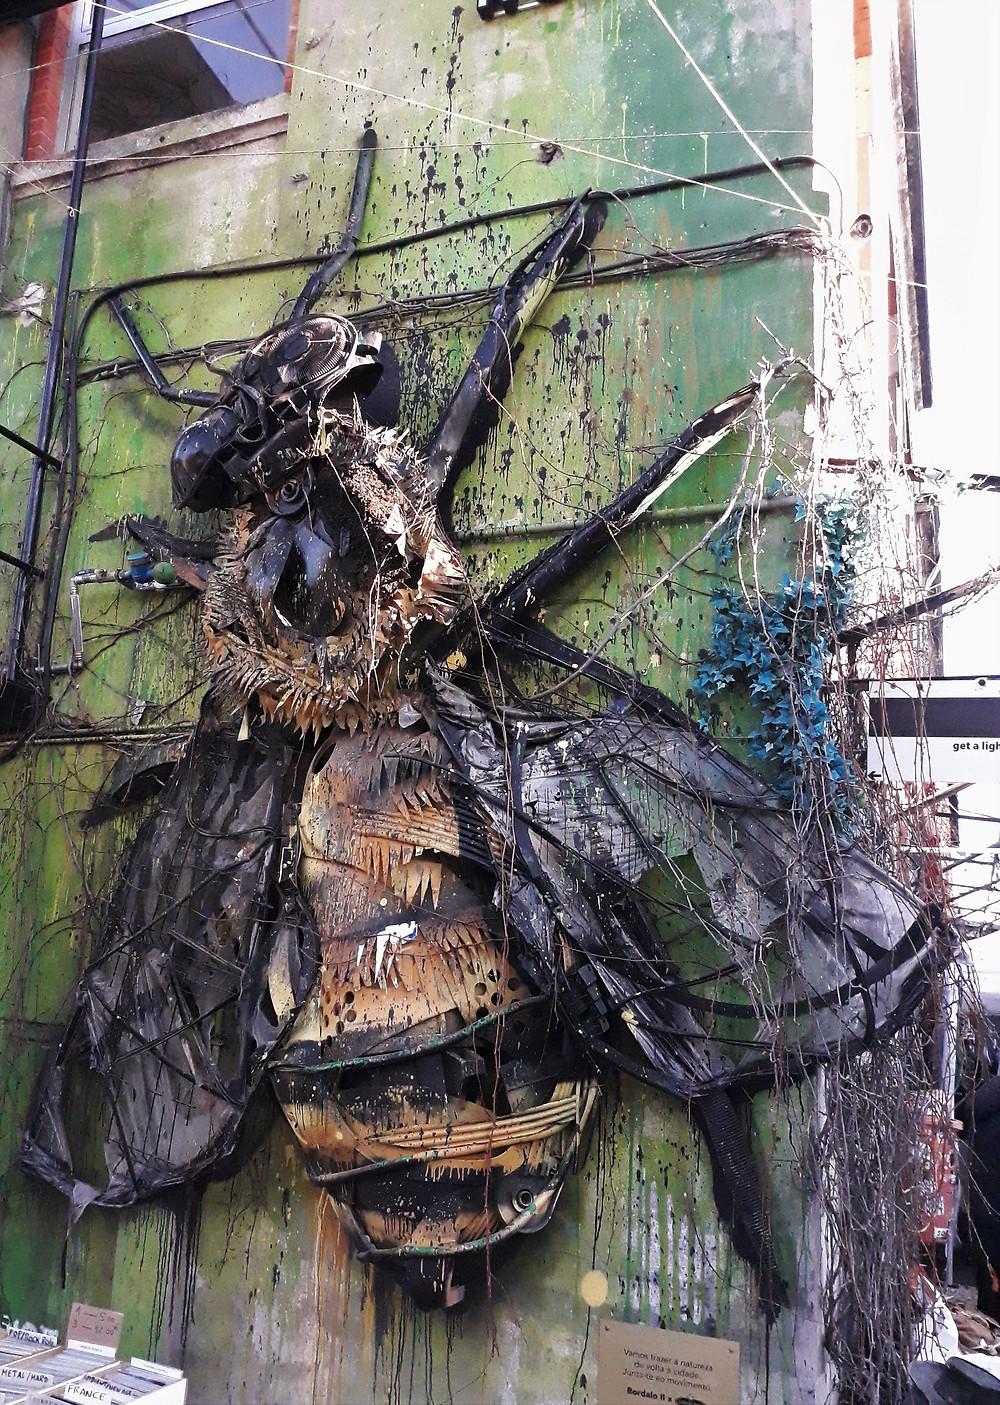 Bee installation by Bordalo II - LX Factory, Lisbon - Picture taken by Artrootz.jpg